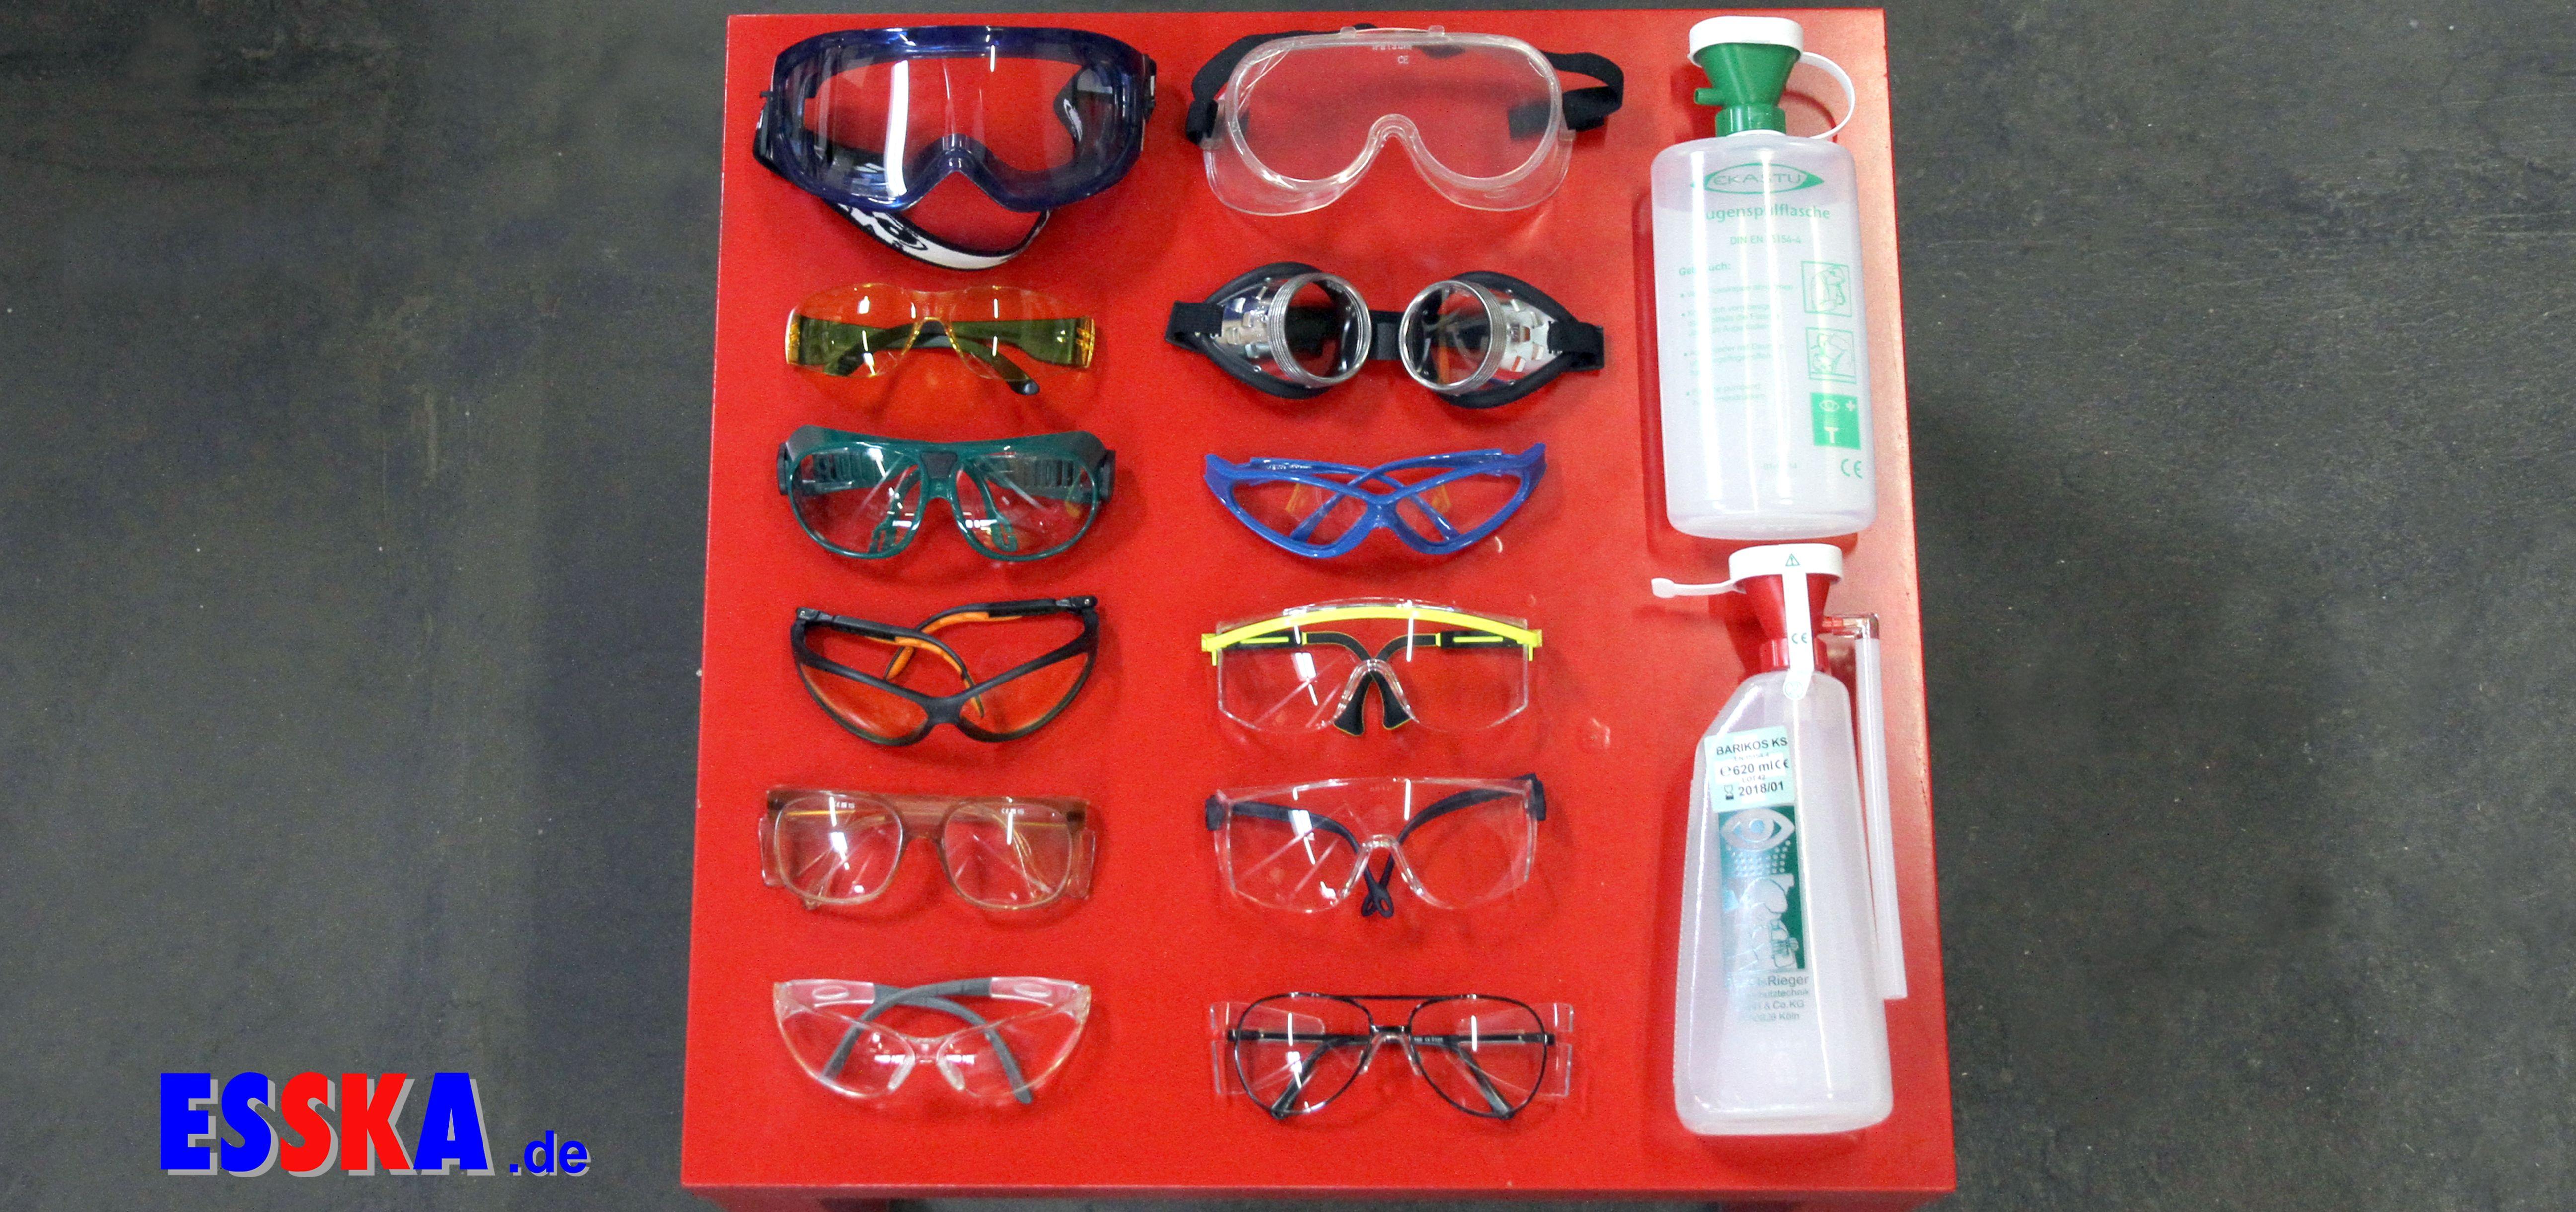 #Augenschutz und #Brillen bei #ESSKA.de